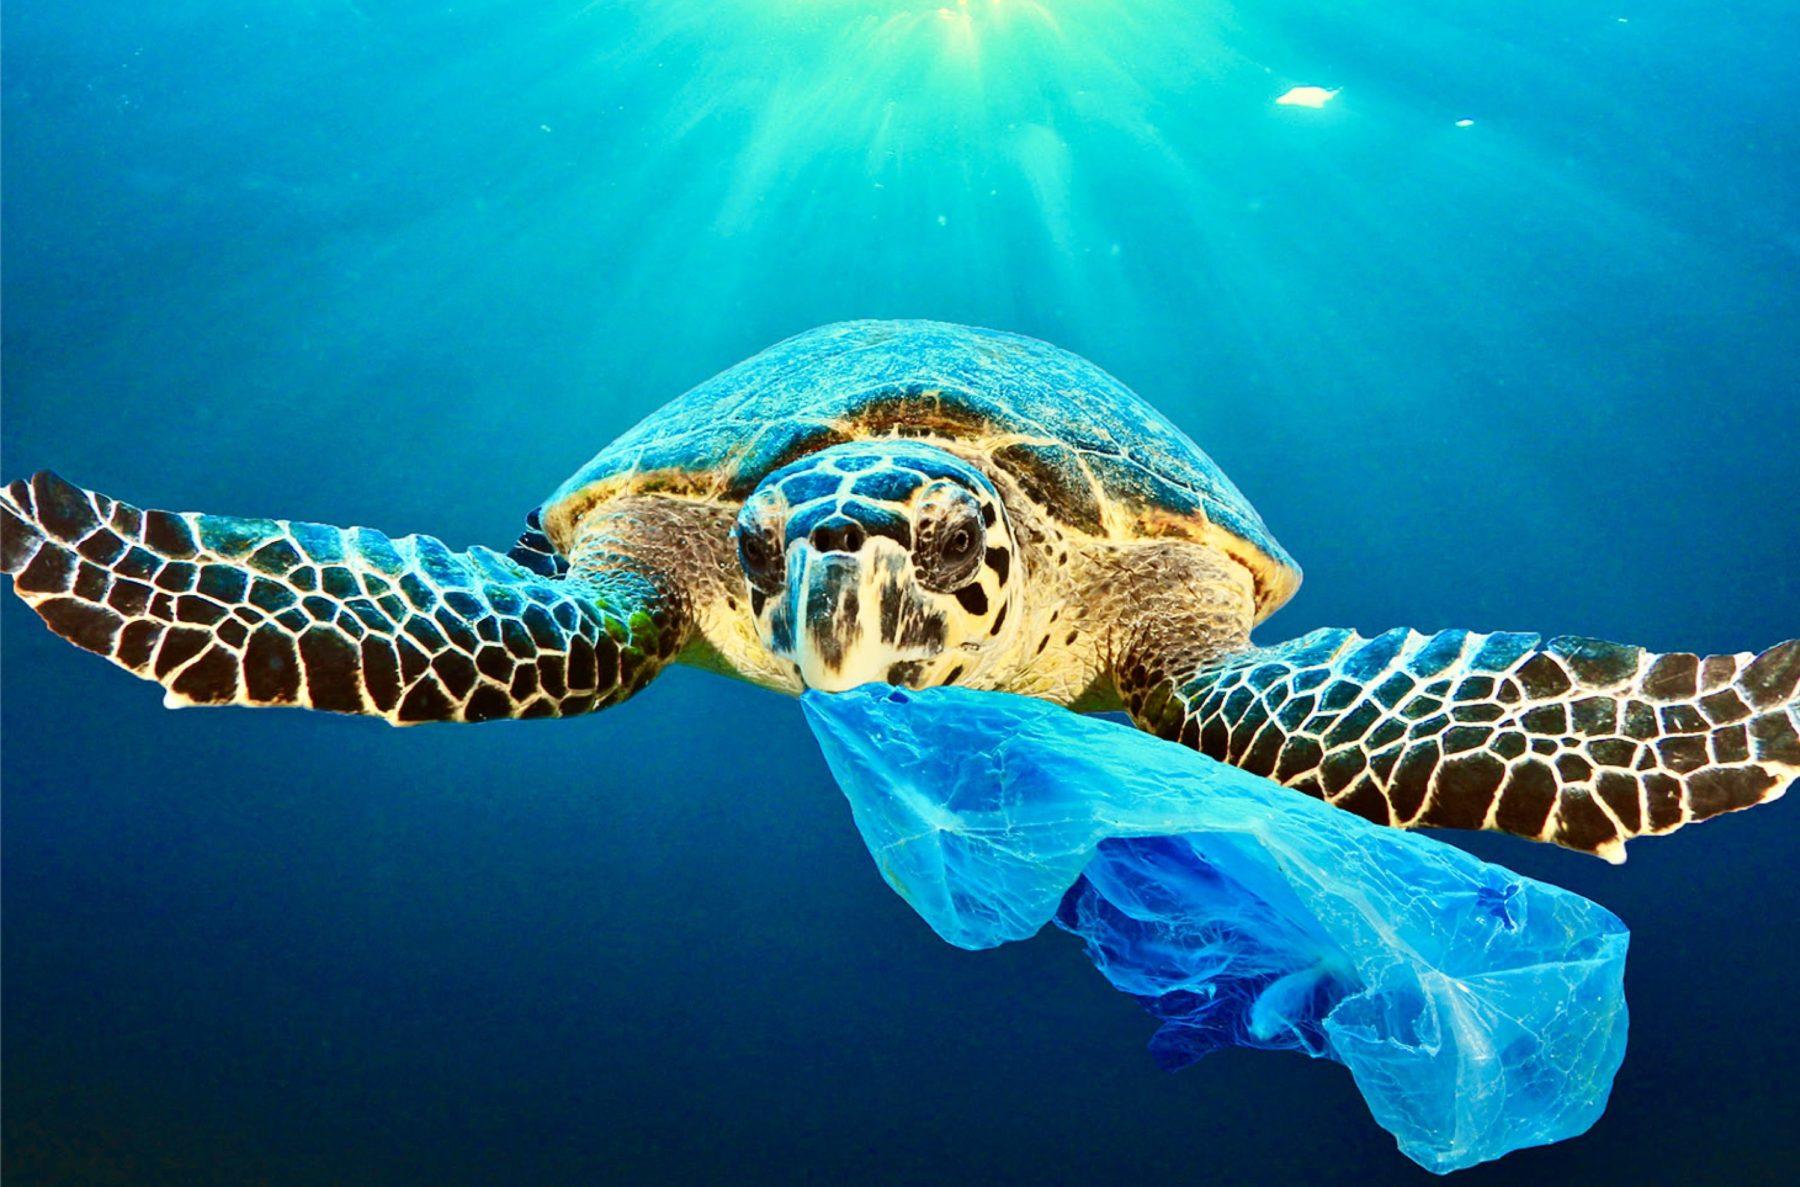 Je prends conscience de la pollution plastique dans les océans